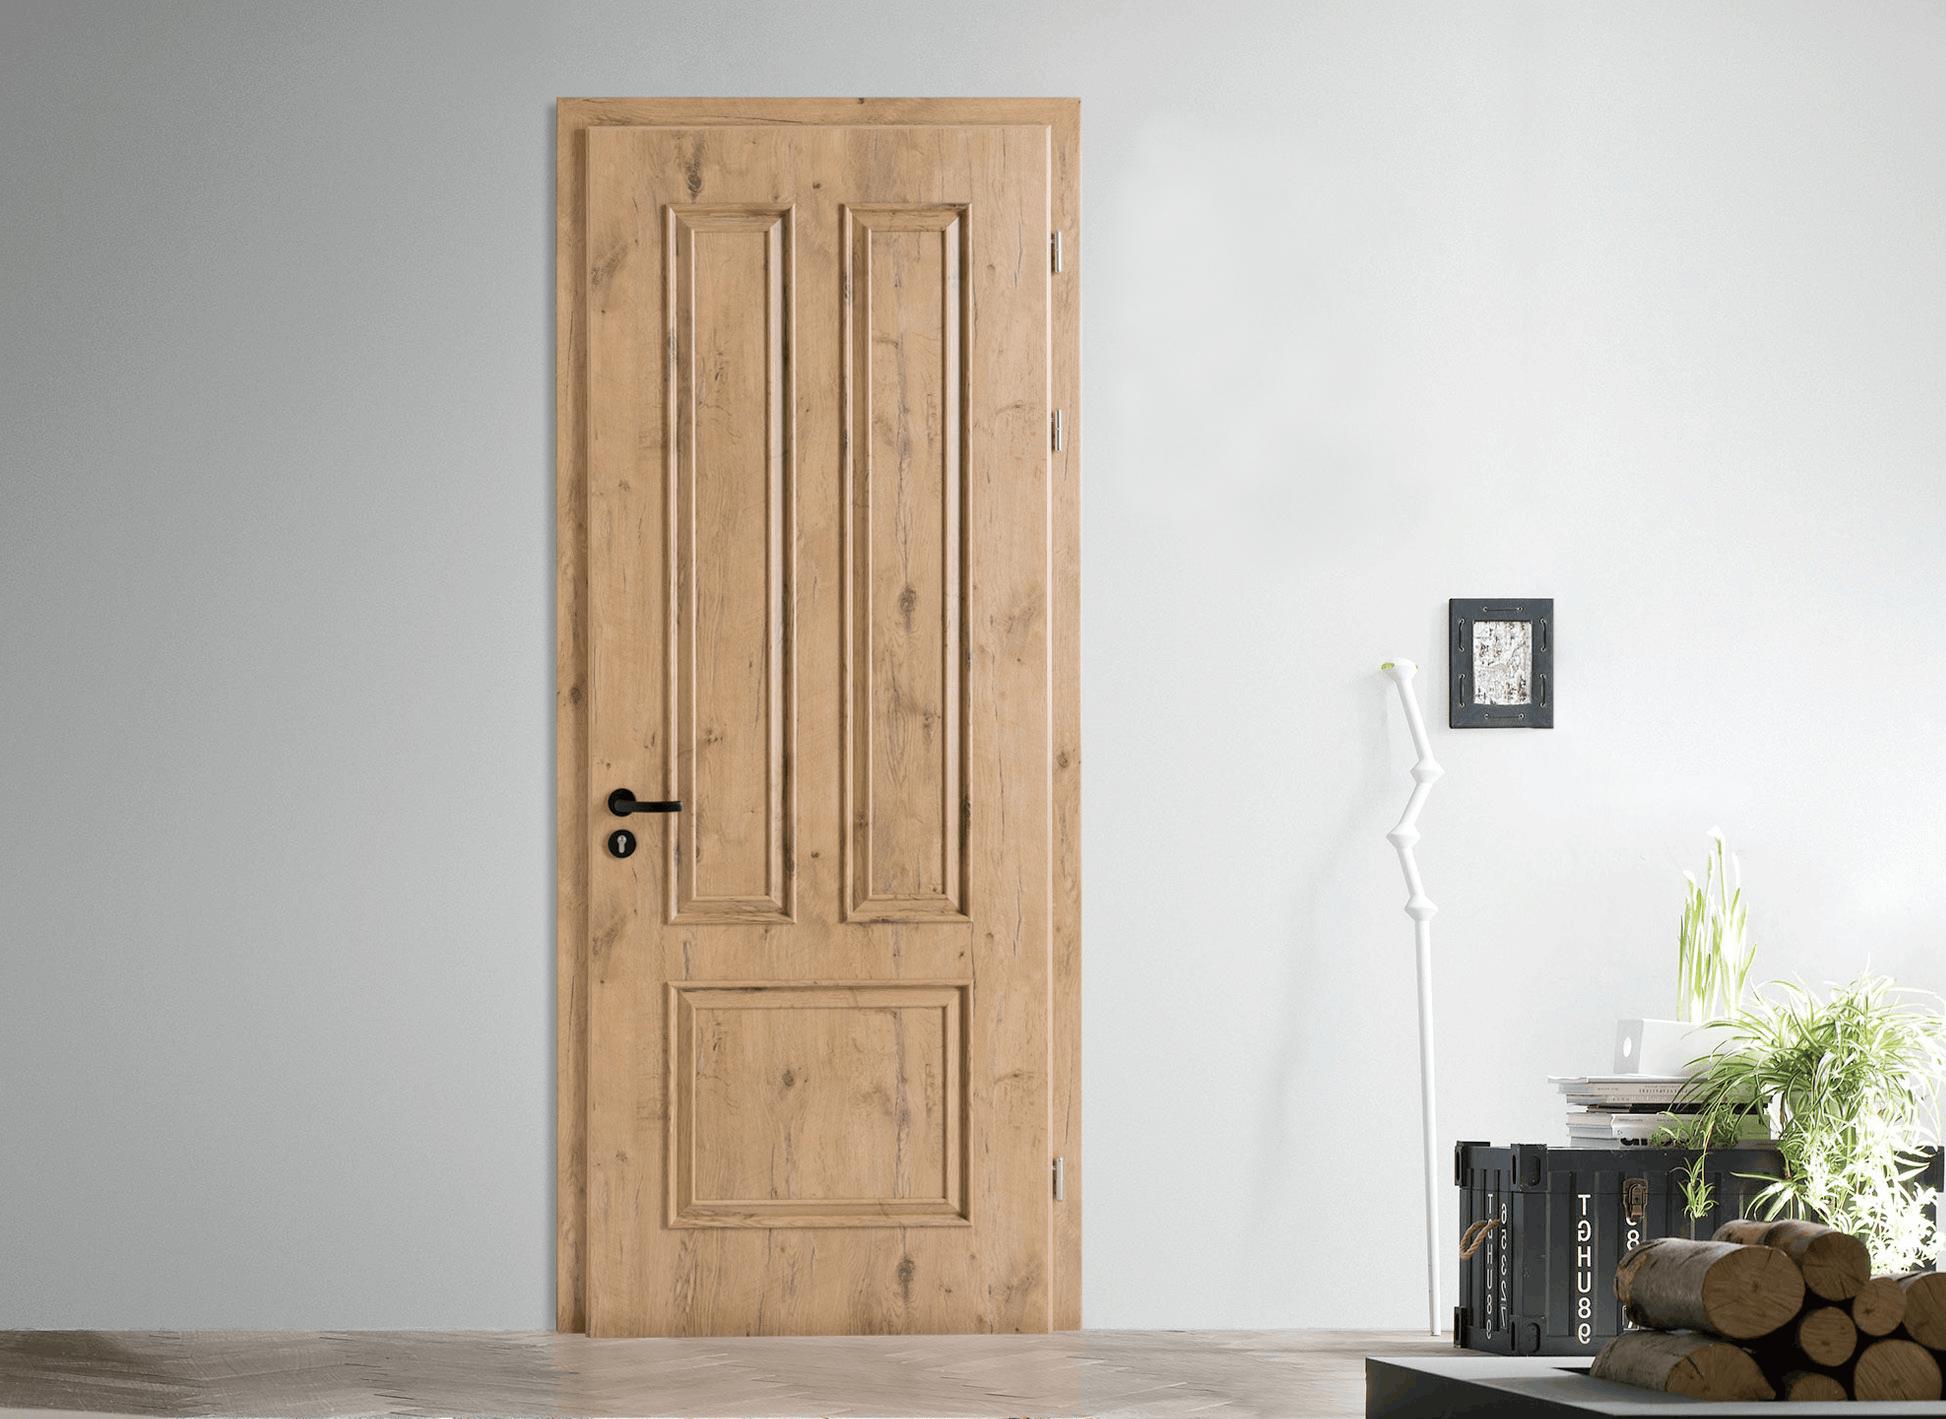 大咖帮帮忙|秋冬装修忙 如何做好家庭装修的门面工作